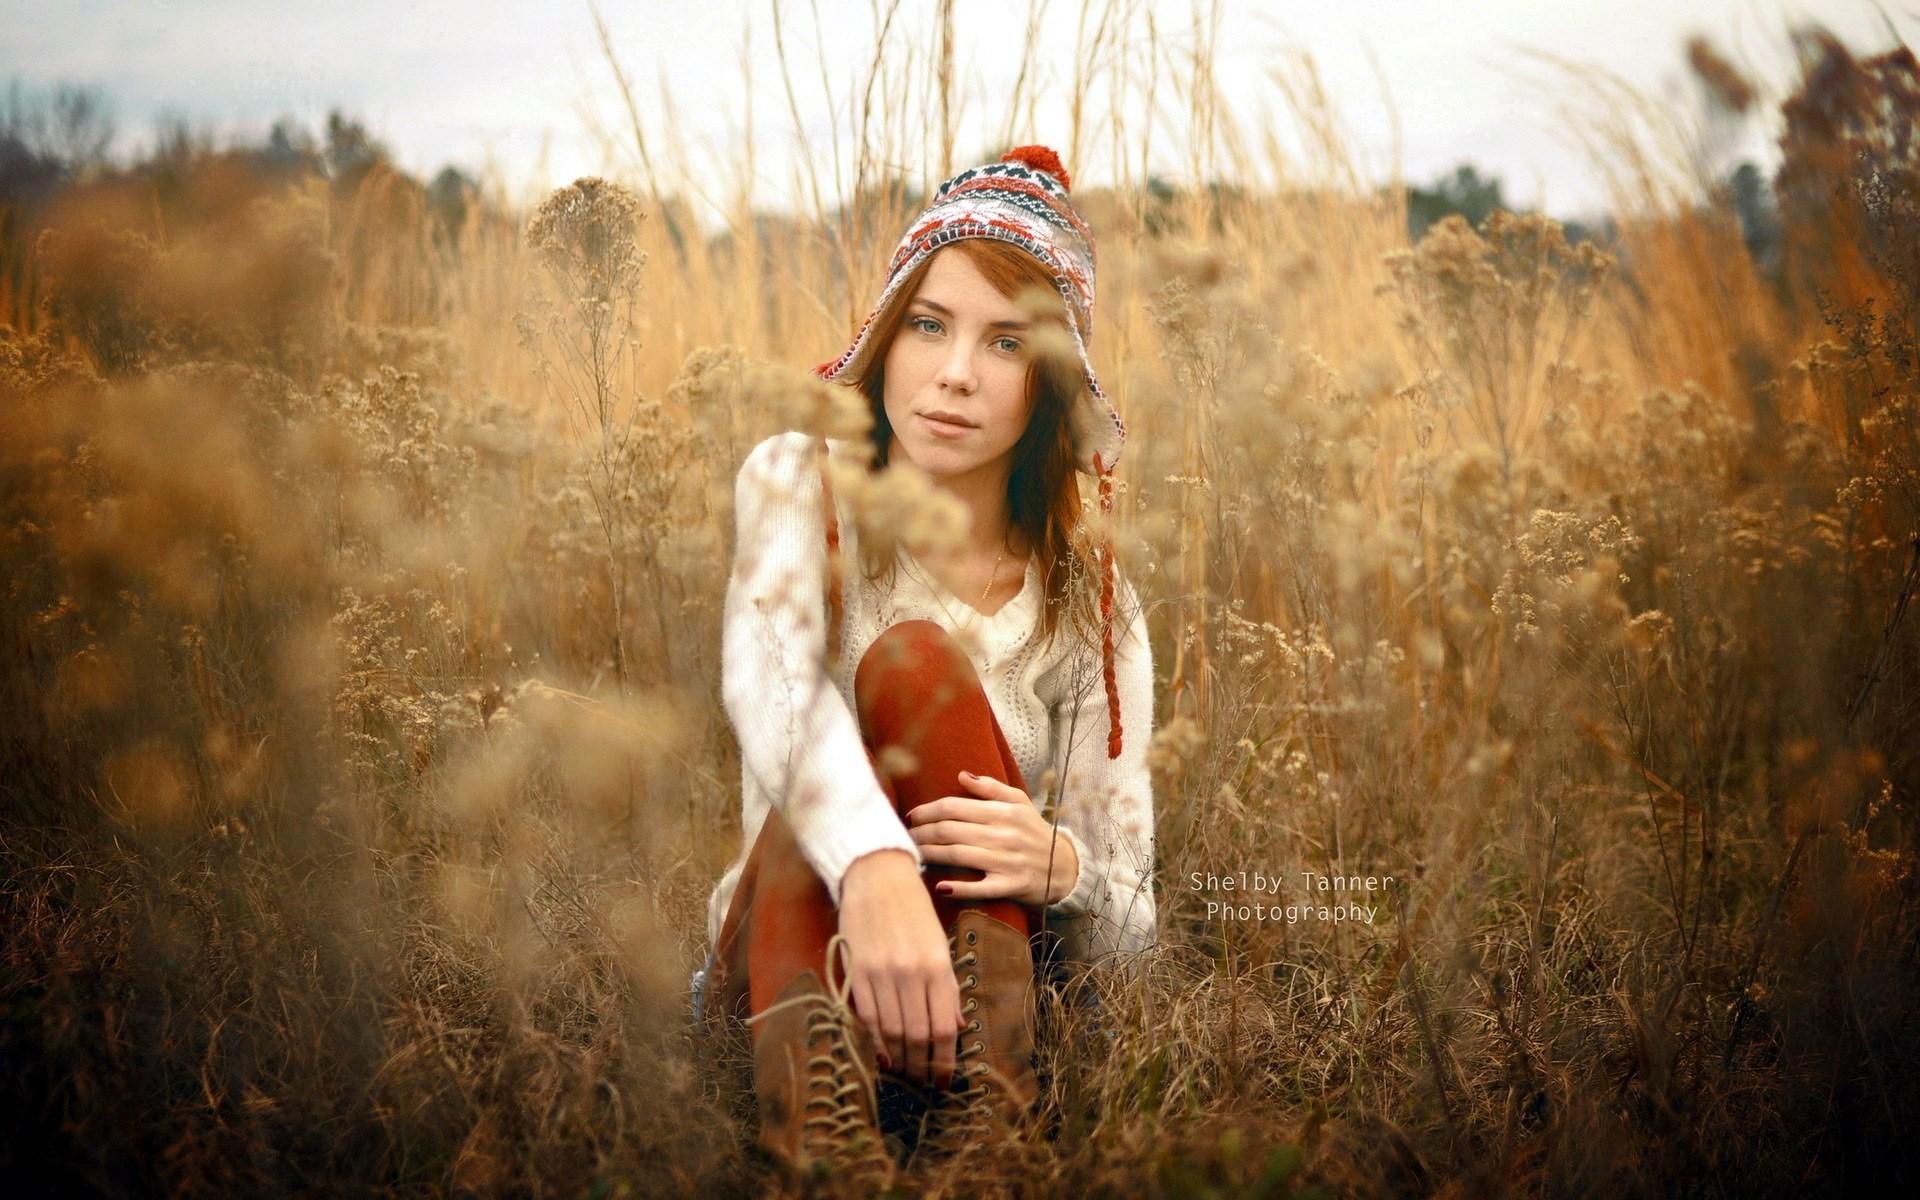 Redhead Girl Field Fashion